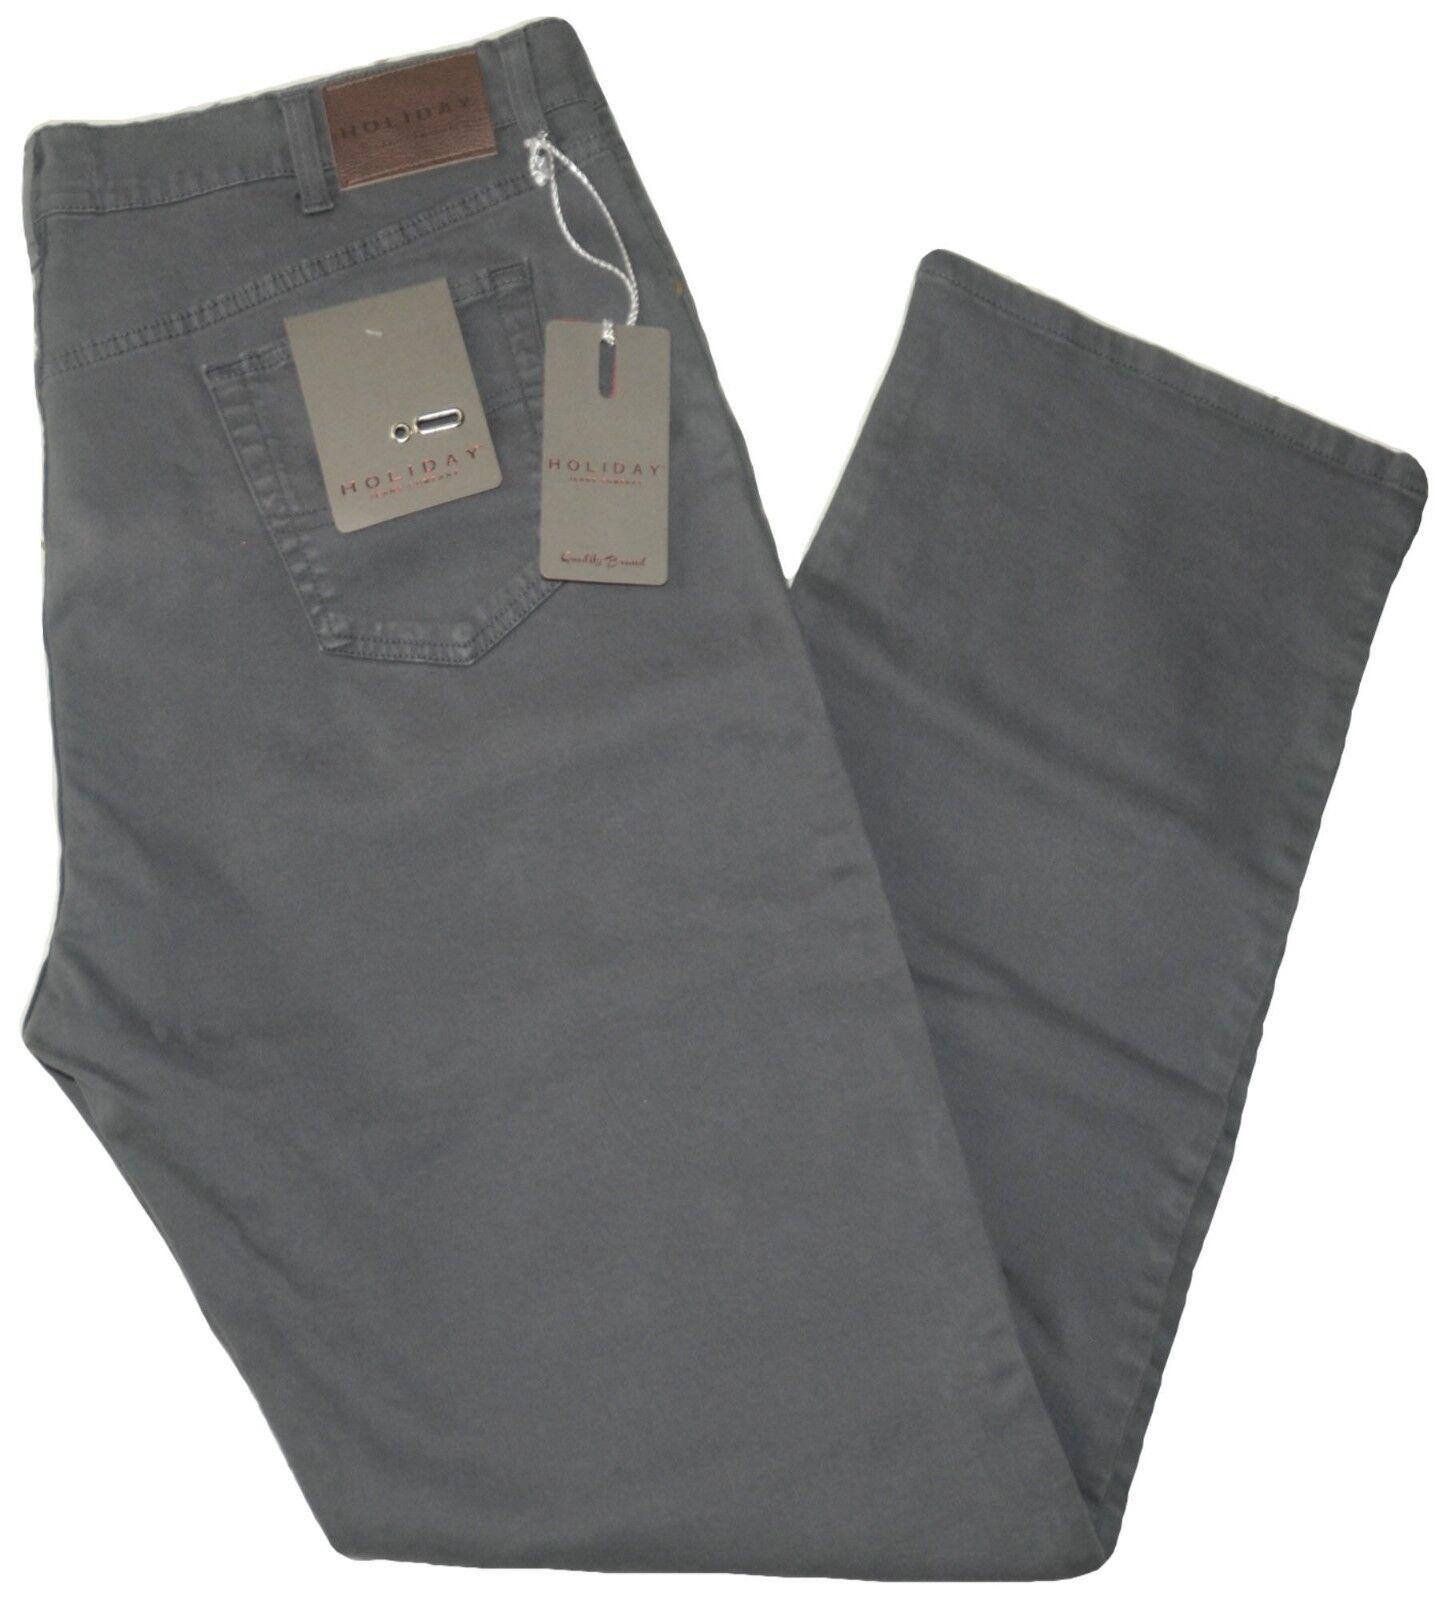 Pantalone uomo uomo uomo jeans taglie forti 62 64 66 68 HOLIDAY cotone pesante grigio 288212